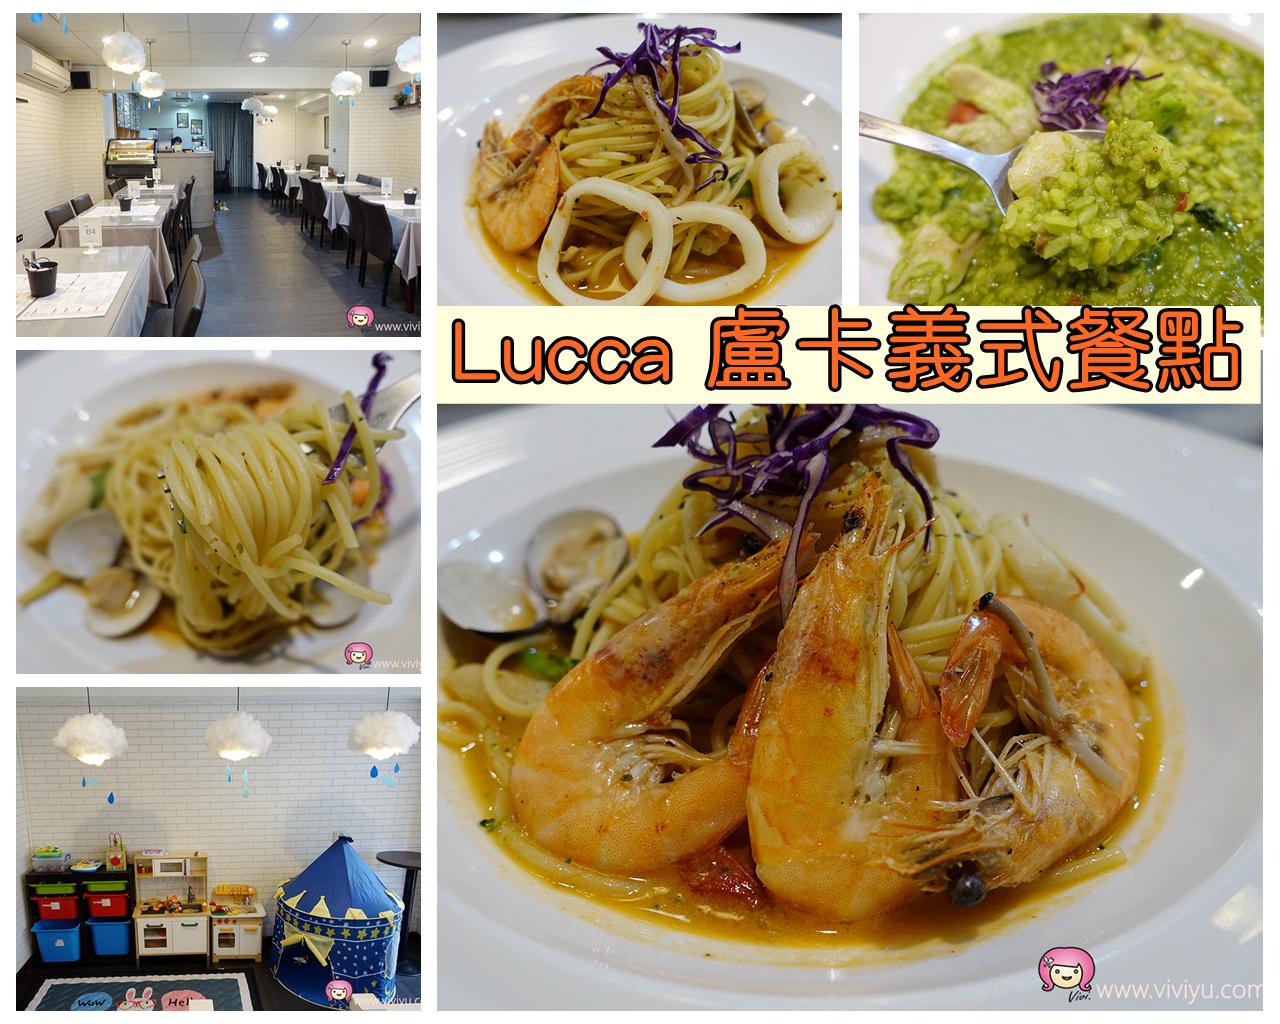 [桃園美食]Lucca 盧卡義式餐點.振聲中學正對面~雲朵燈天空.兒童遊戲室 @VIVIYU小世界